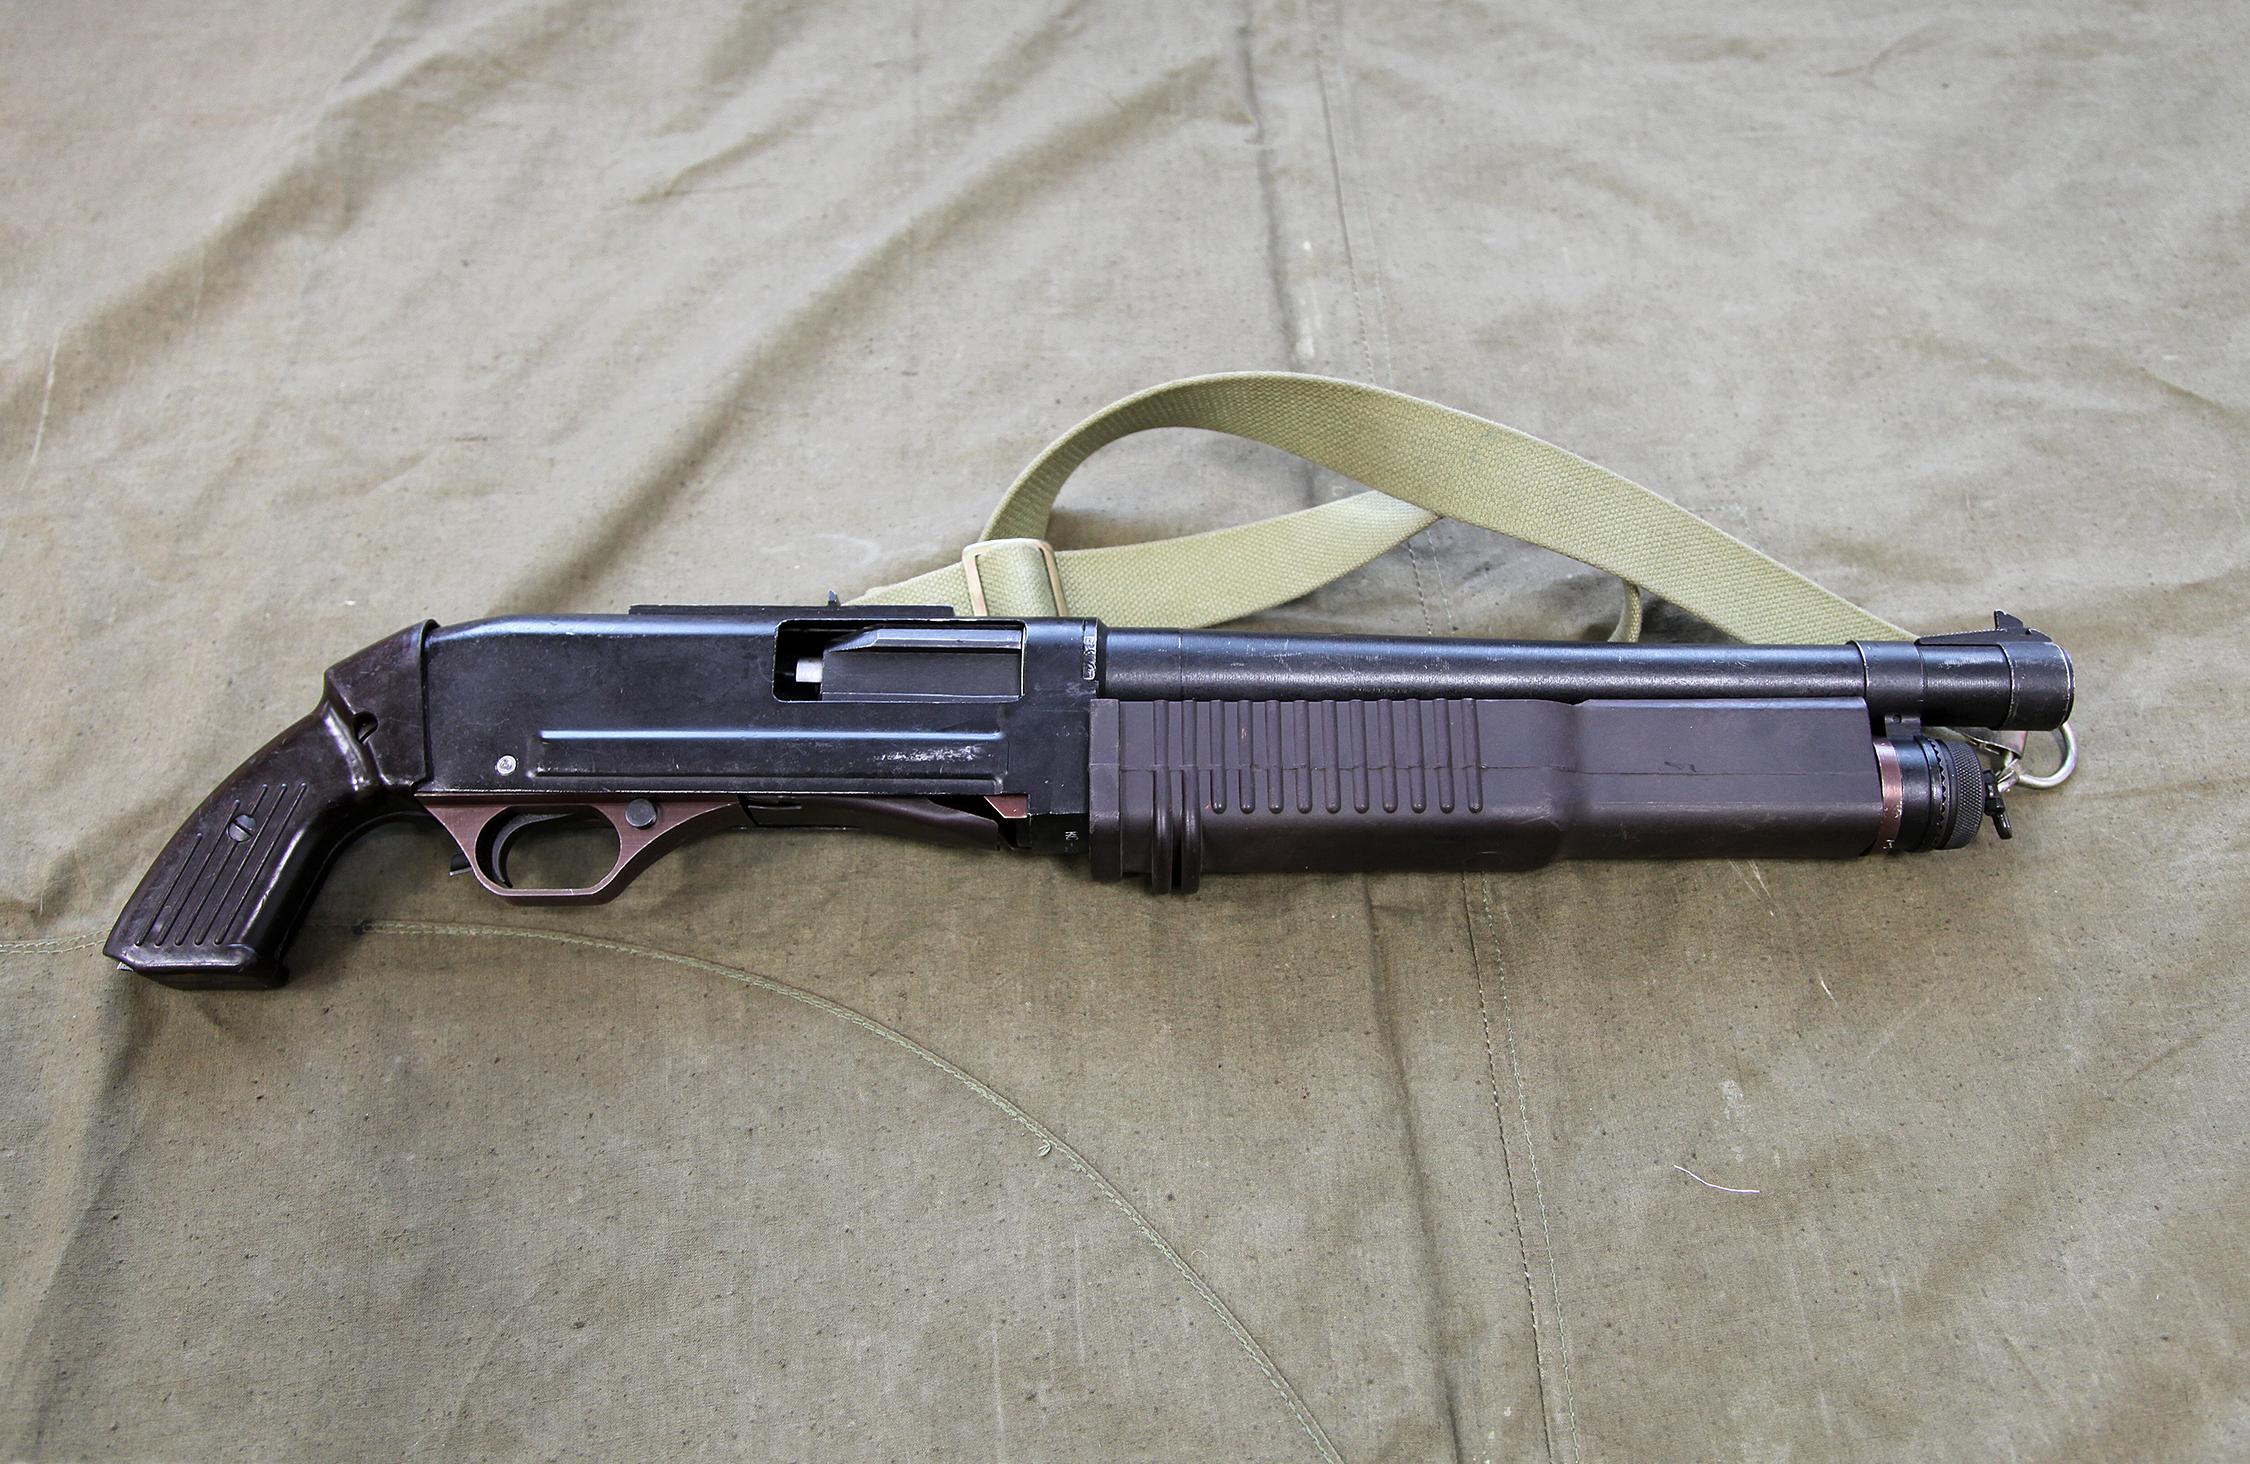 Shotgun grappling hook launcher